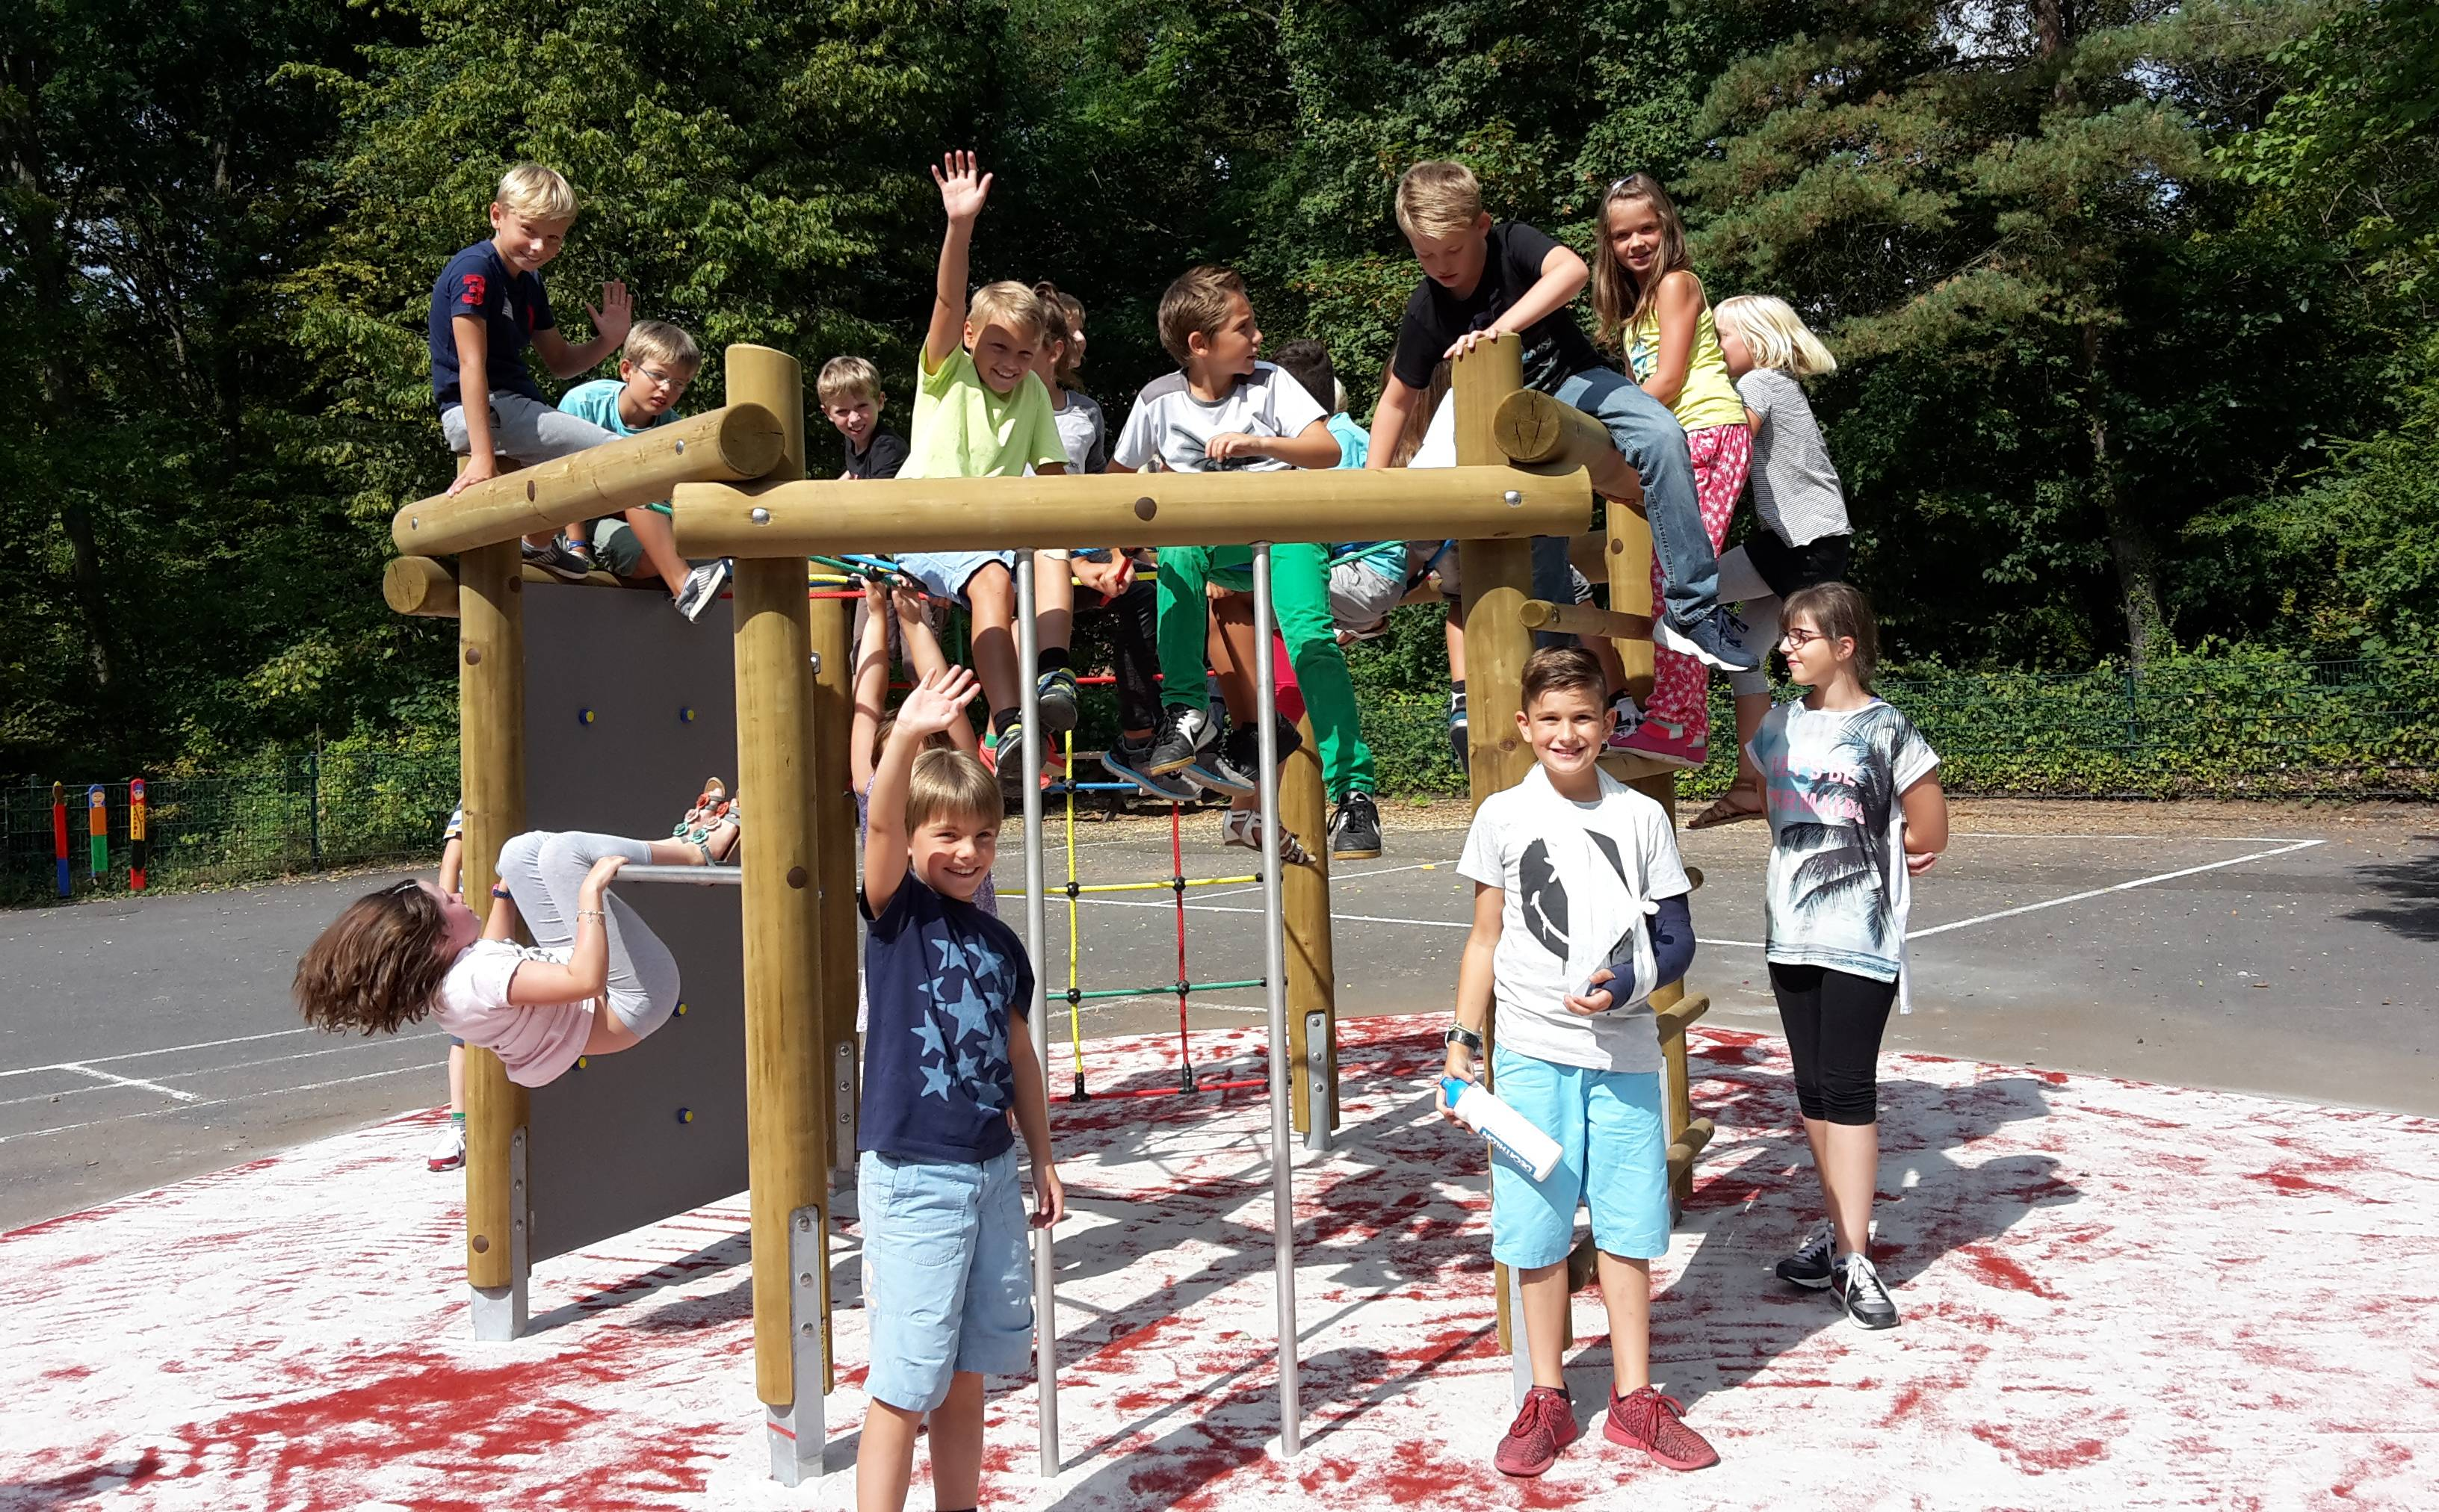 Klettergerüst Schulhof : Neues spielgerät auf dem schulhof grundschule erzhütten